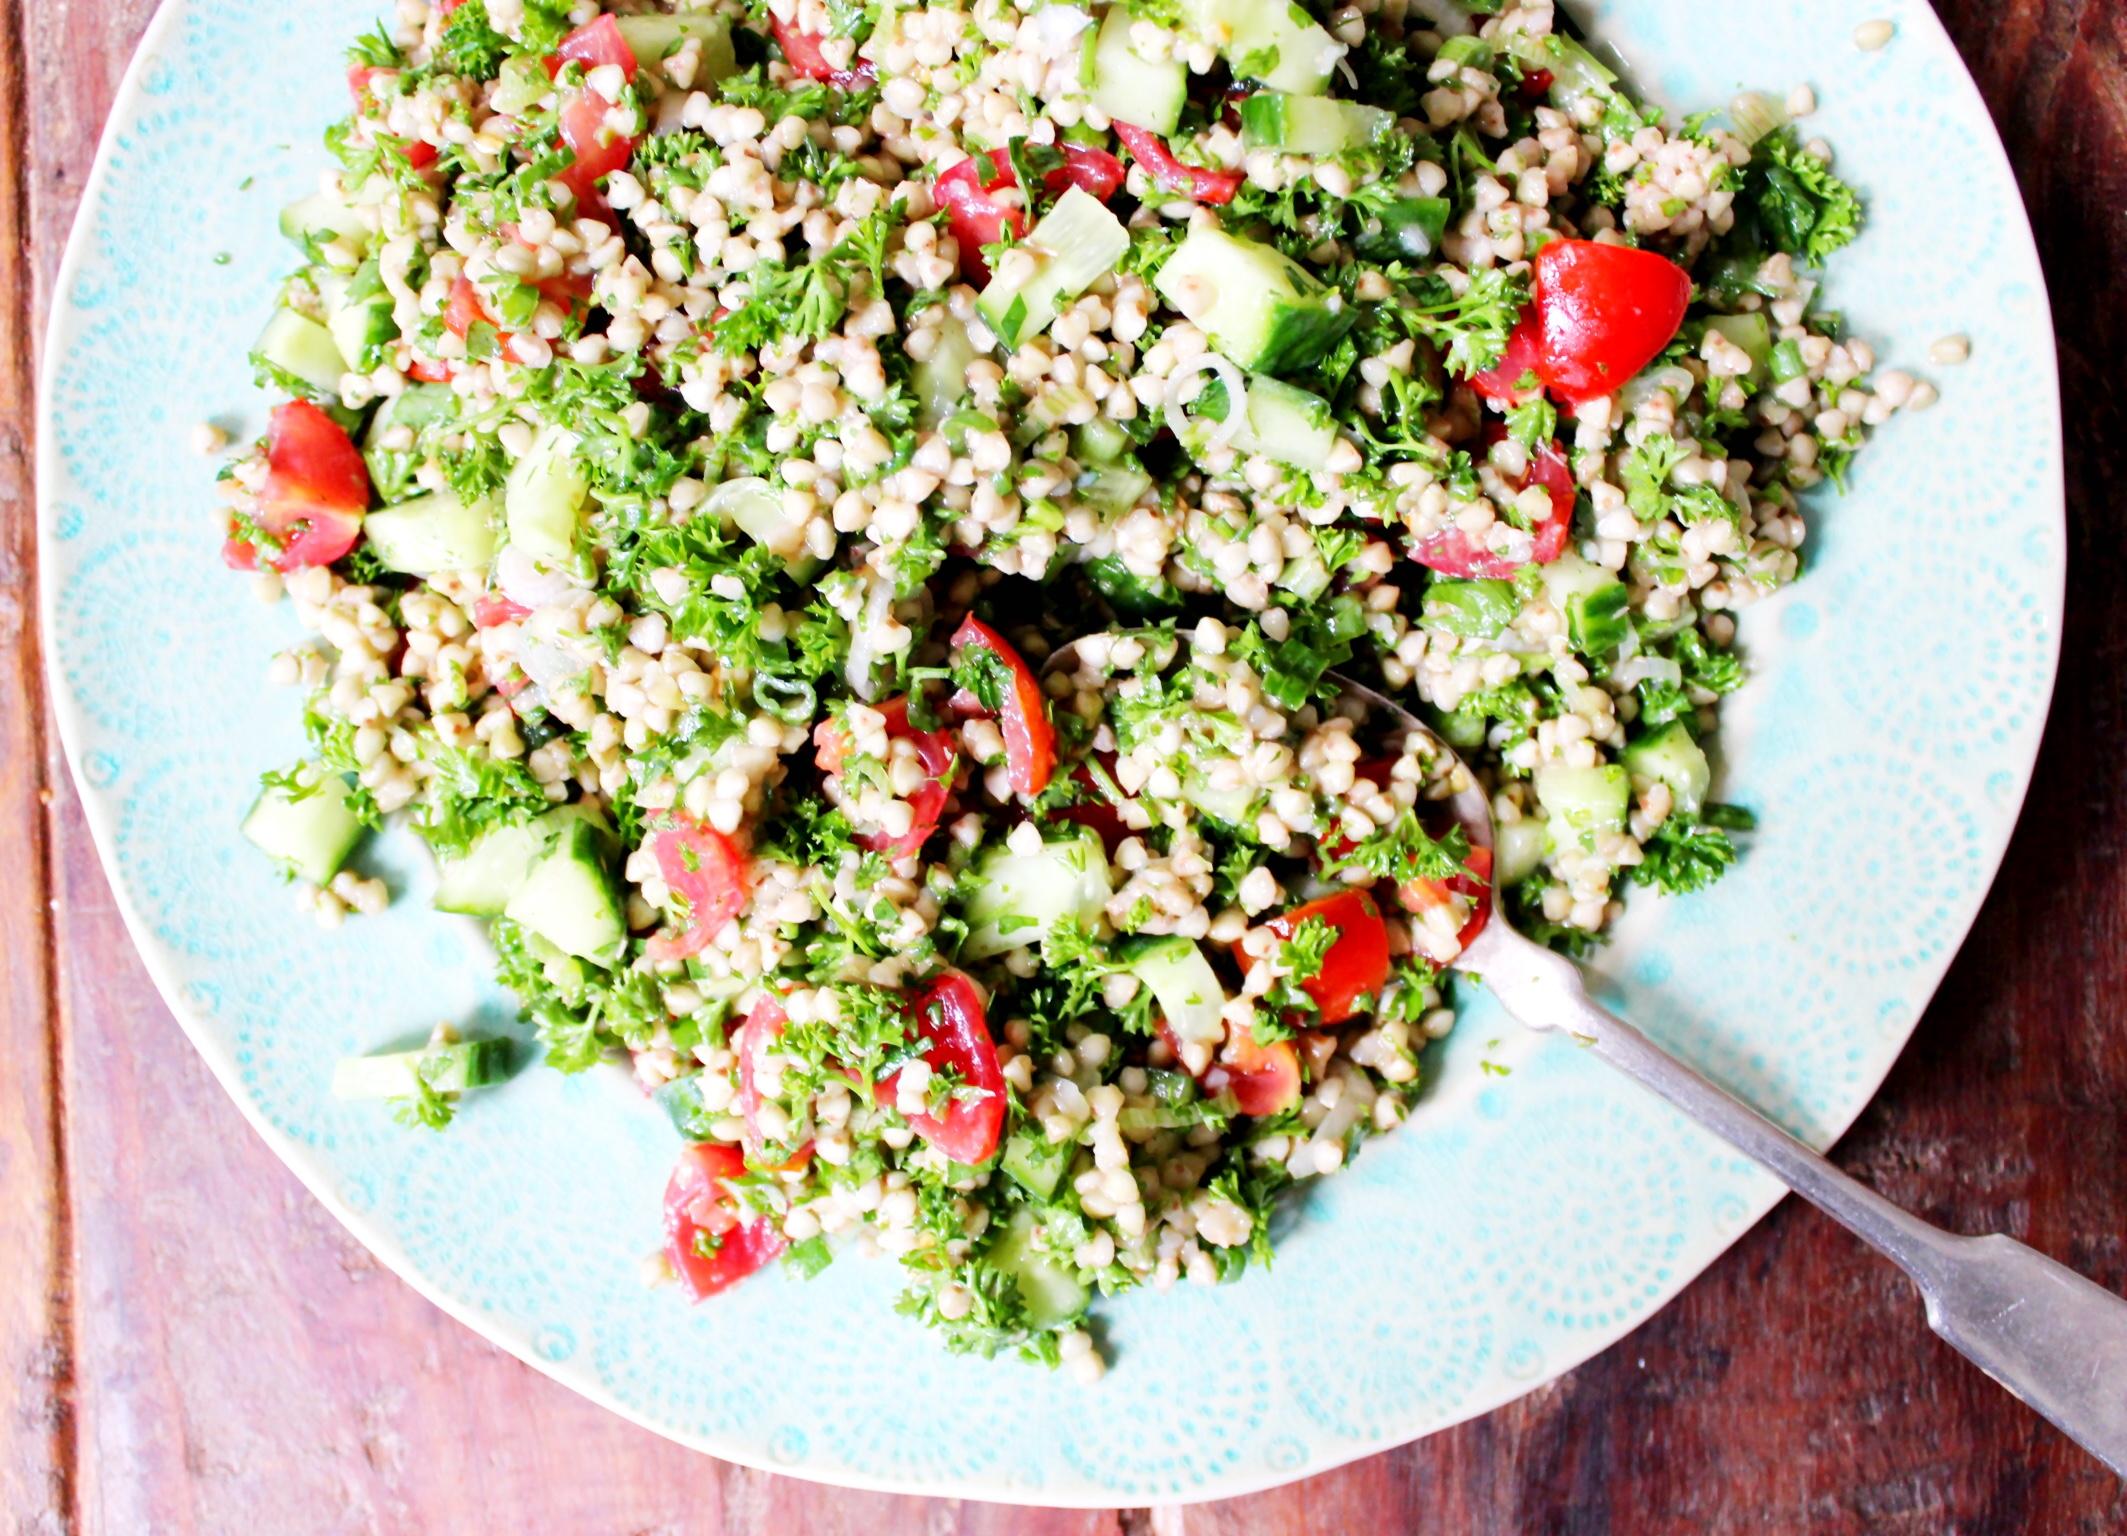 Buckwheat Tabbouleh - The Little Green Spoon